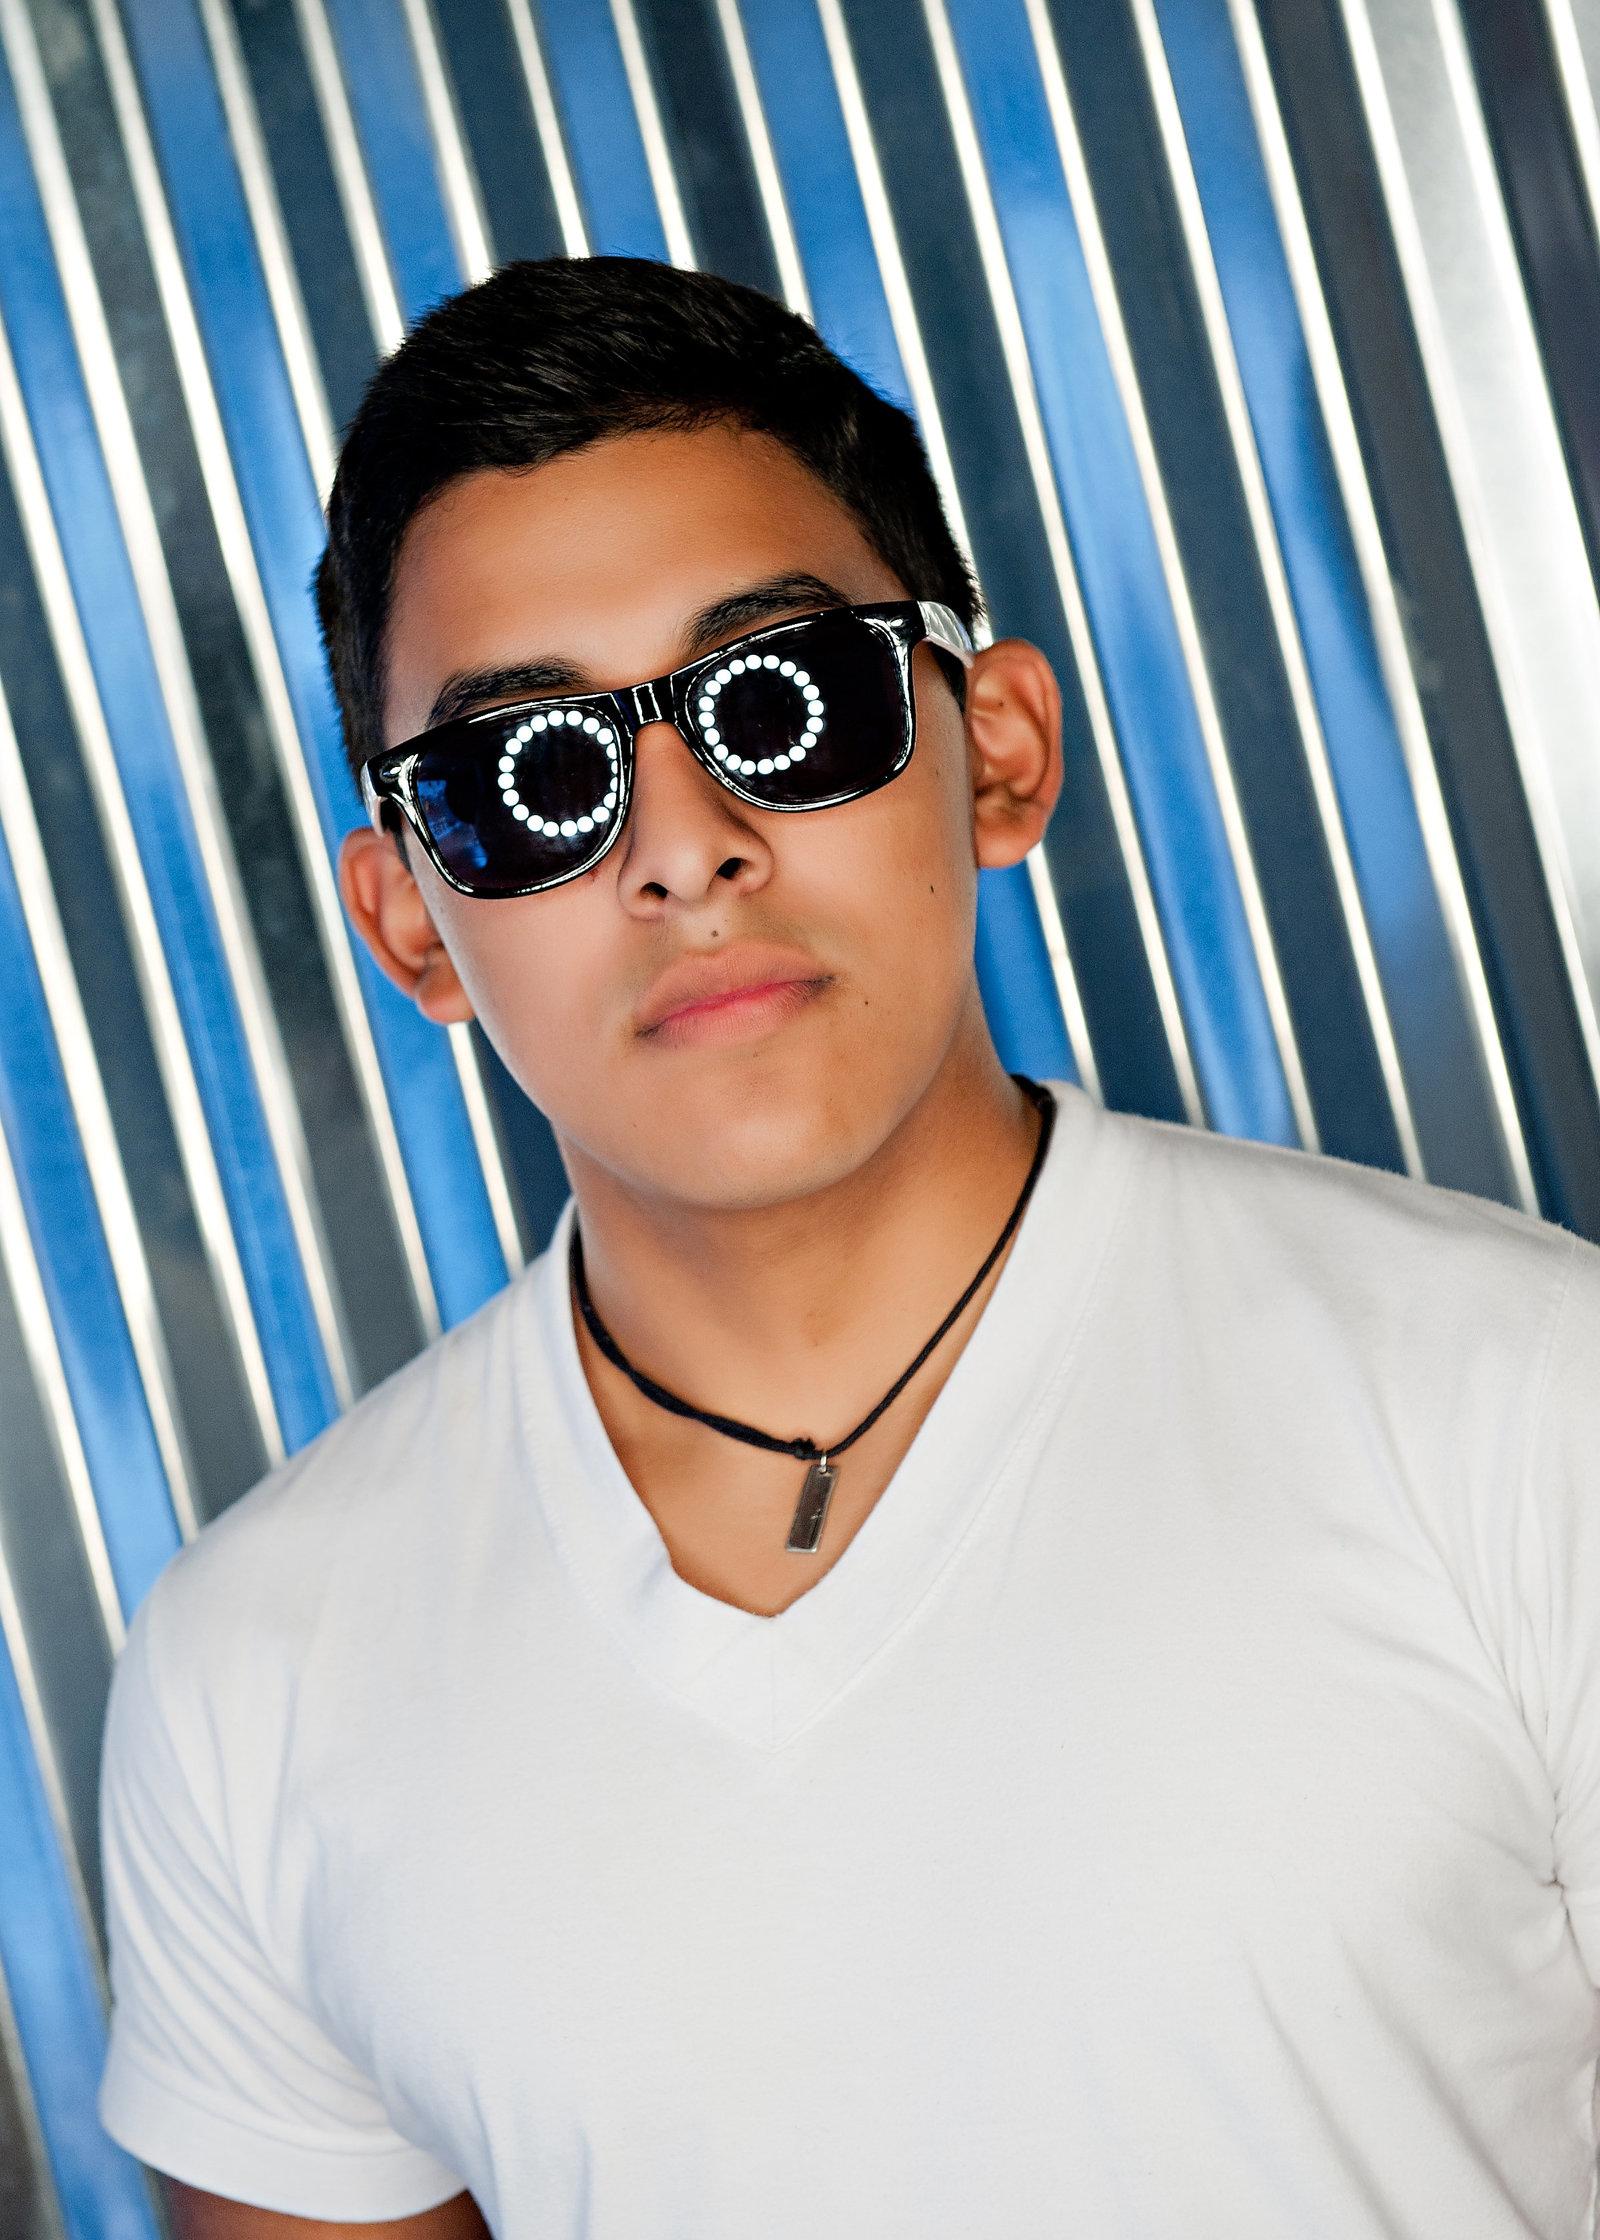 G_Vargas_001